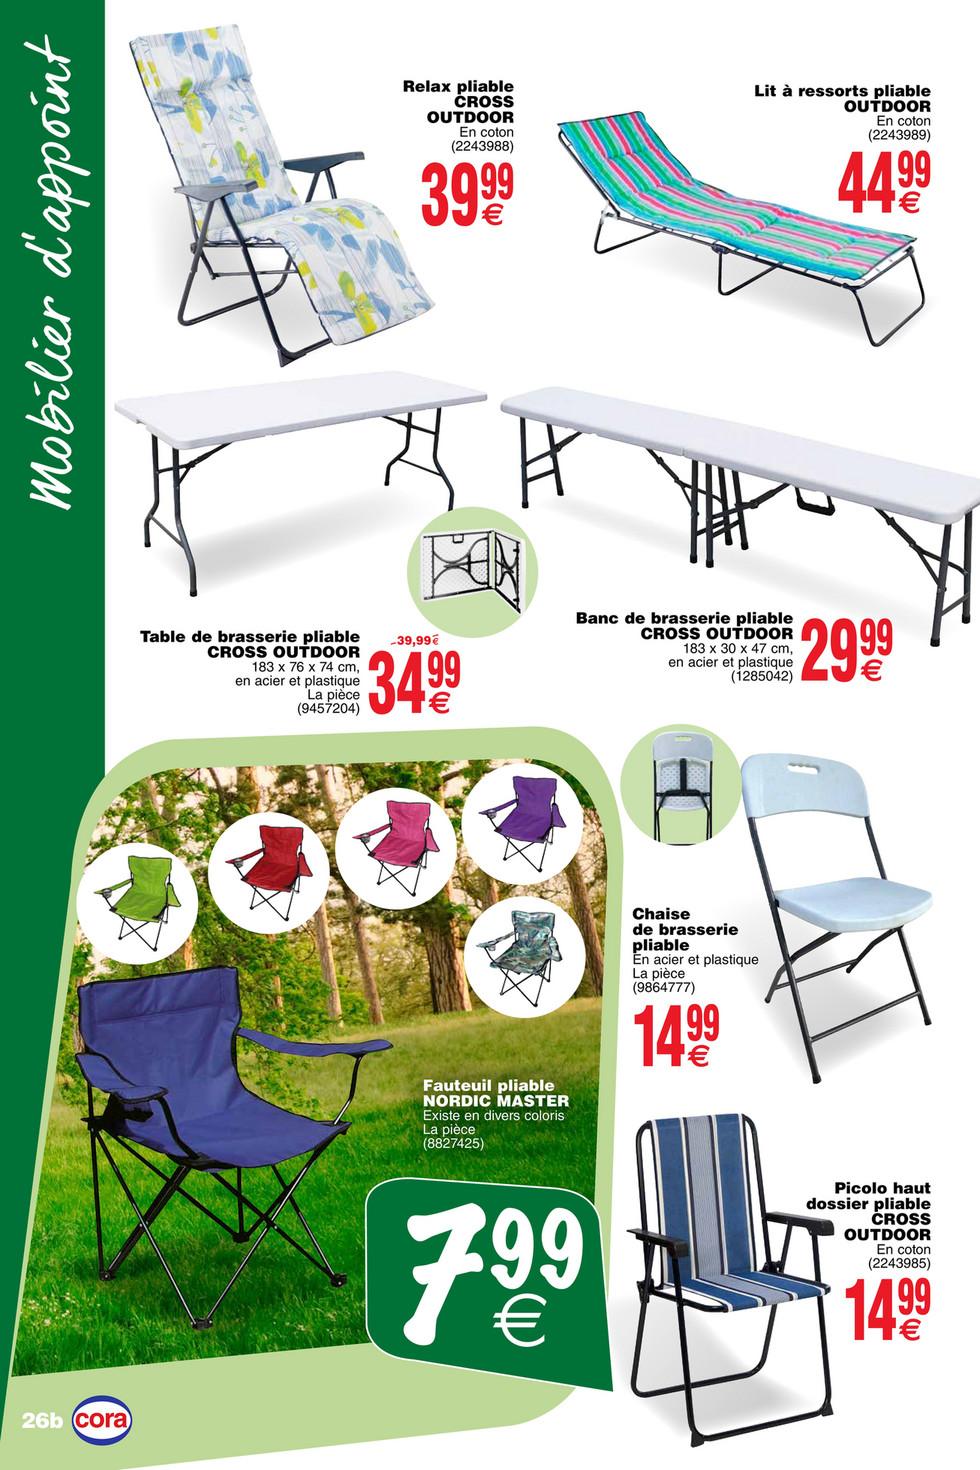 Cora - Les offres non-alimentaires chez cora 02-04 - Page 24-25